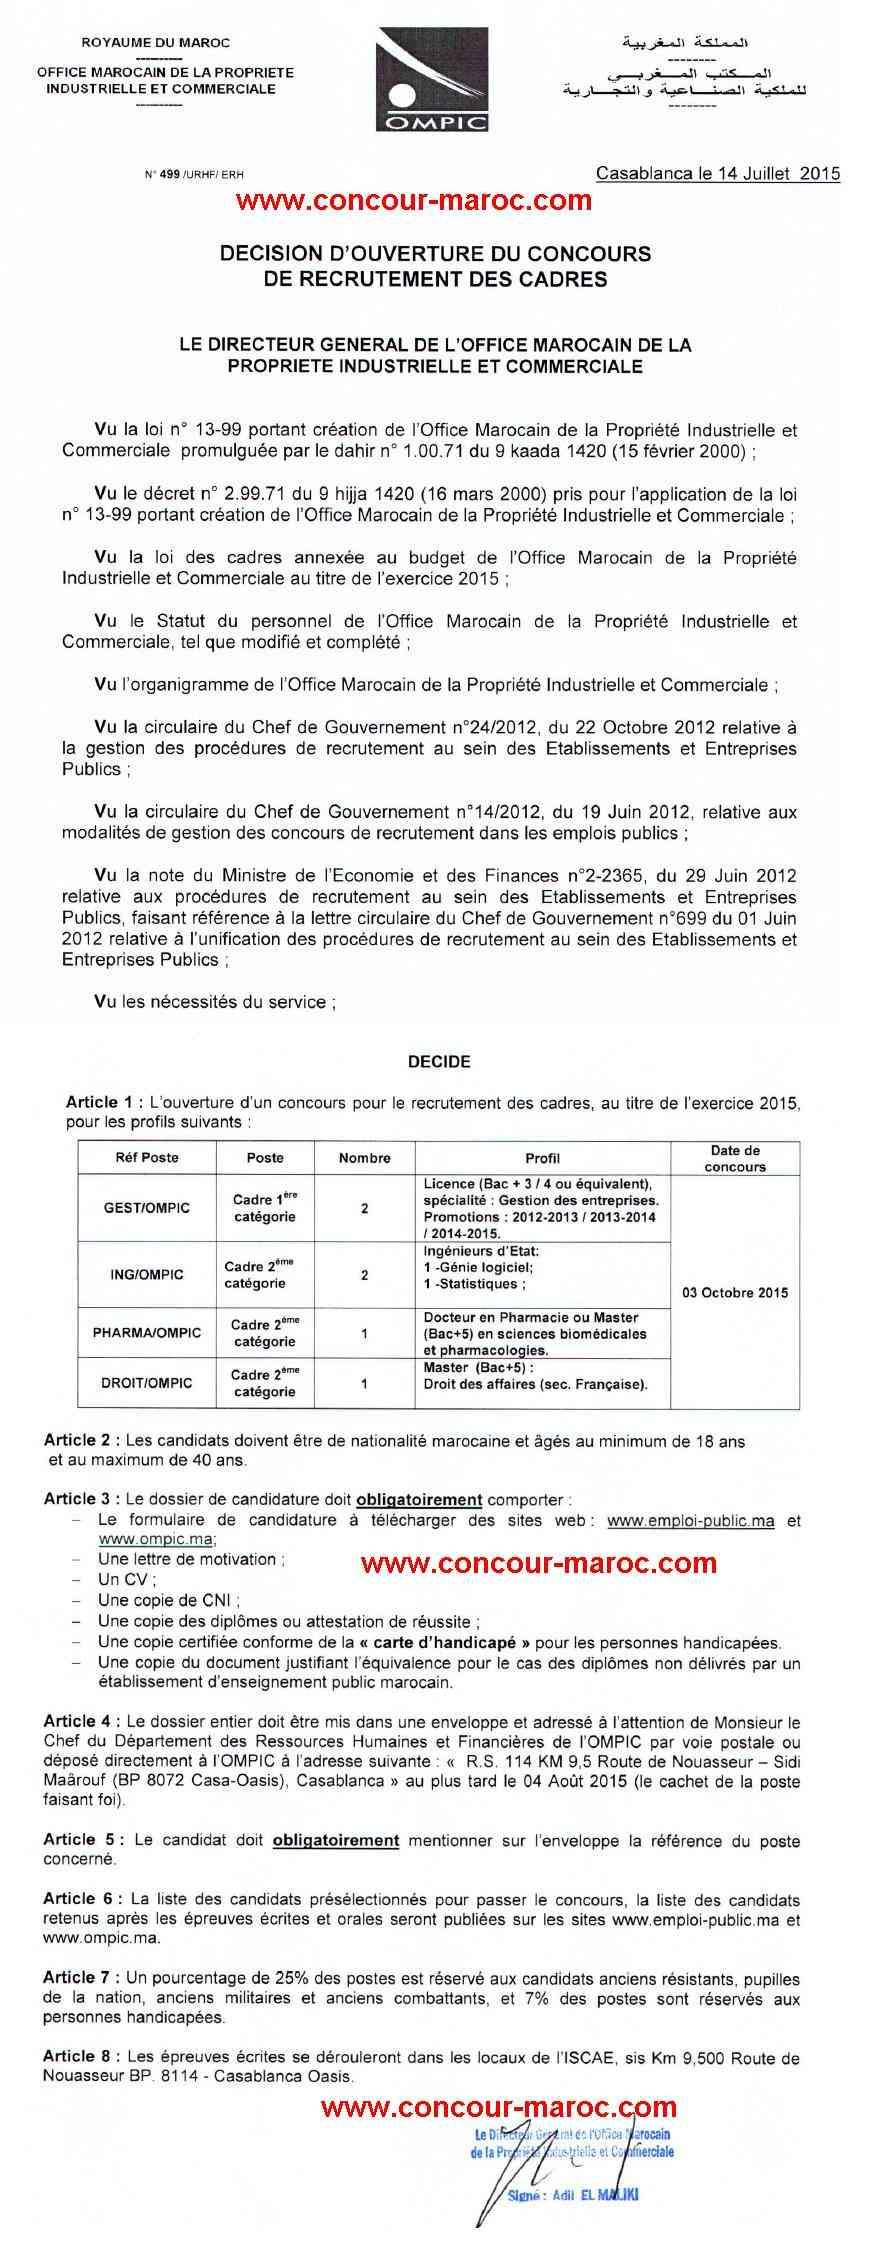 Office Marocain de la Propriété Industrielle et Commerciale : Ouveture d'un concours pour le recrutement des cadres avant le 4 août 2015  Concou84